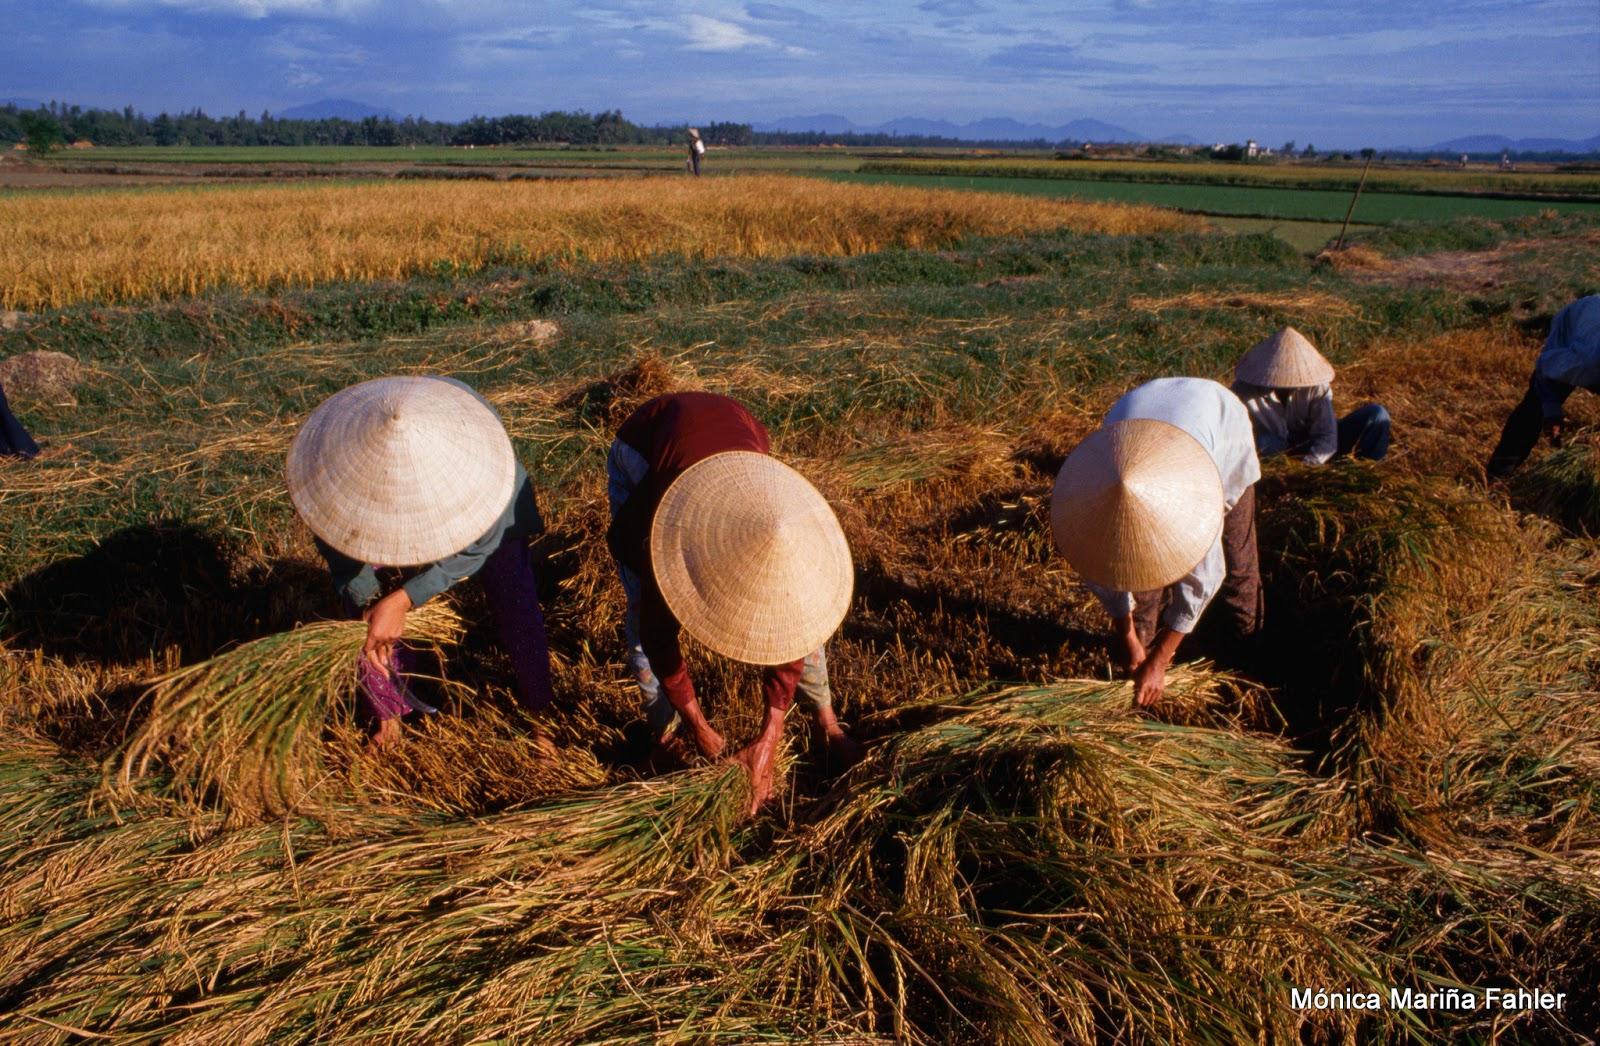 ... suelen verse muchos campos sembrados de arroz y vislumbramos a  campesinos inclinados sobre ellos con sus clásicos sombreros de paja 1a2359d9f34